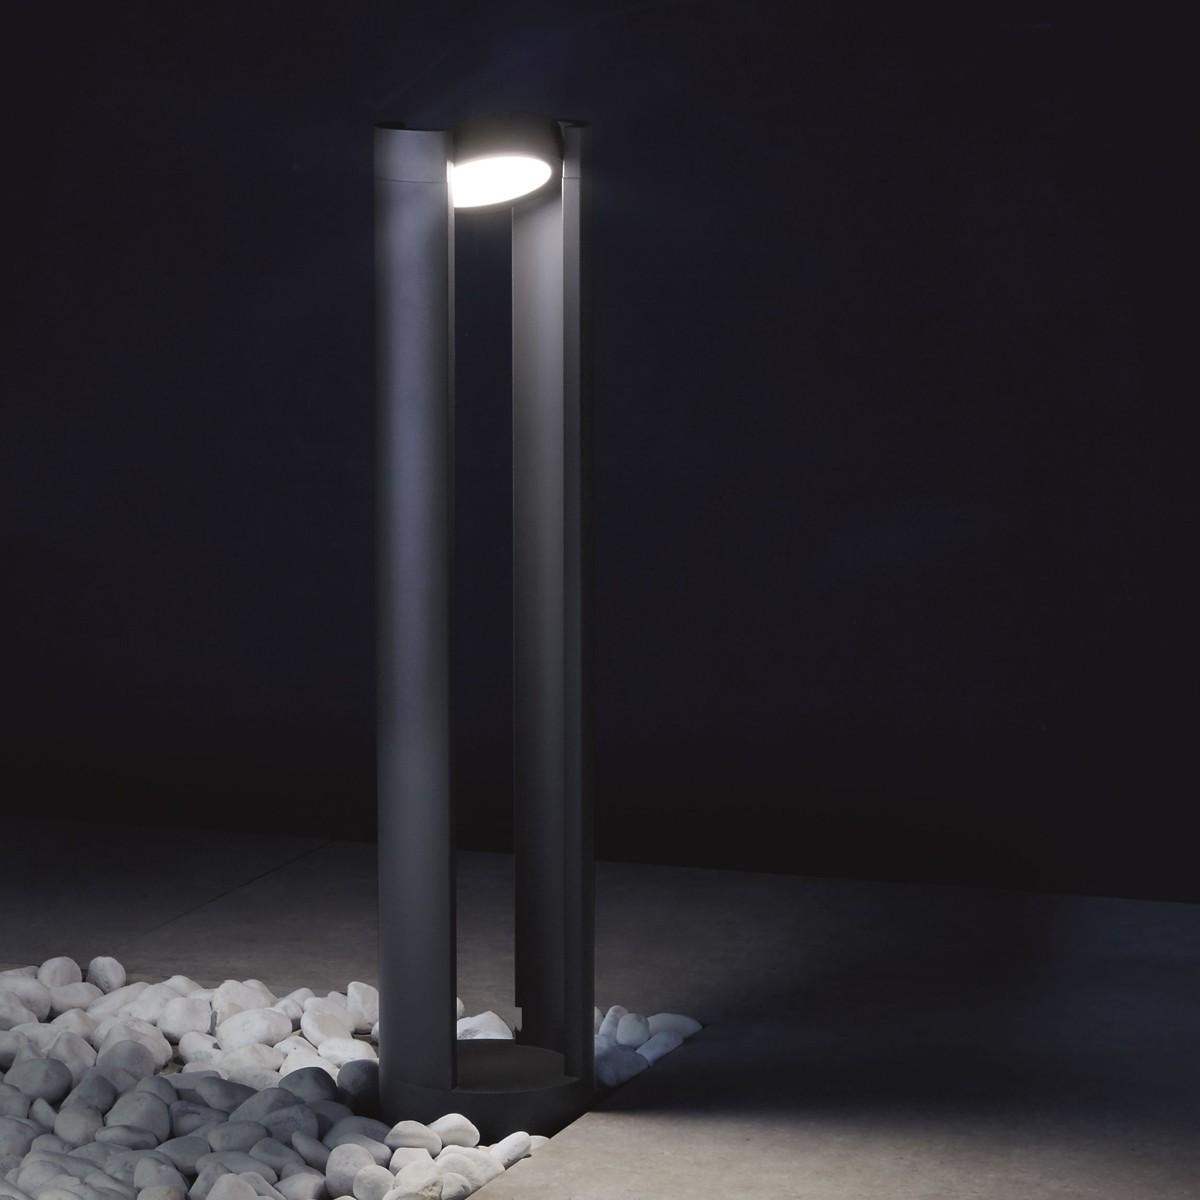 Lupia Licht Tella Pollerleuchte, Höhe: 80 cm, anthrazit